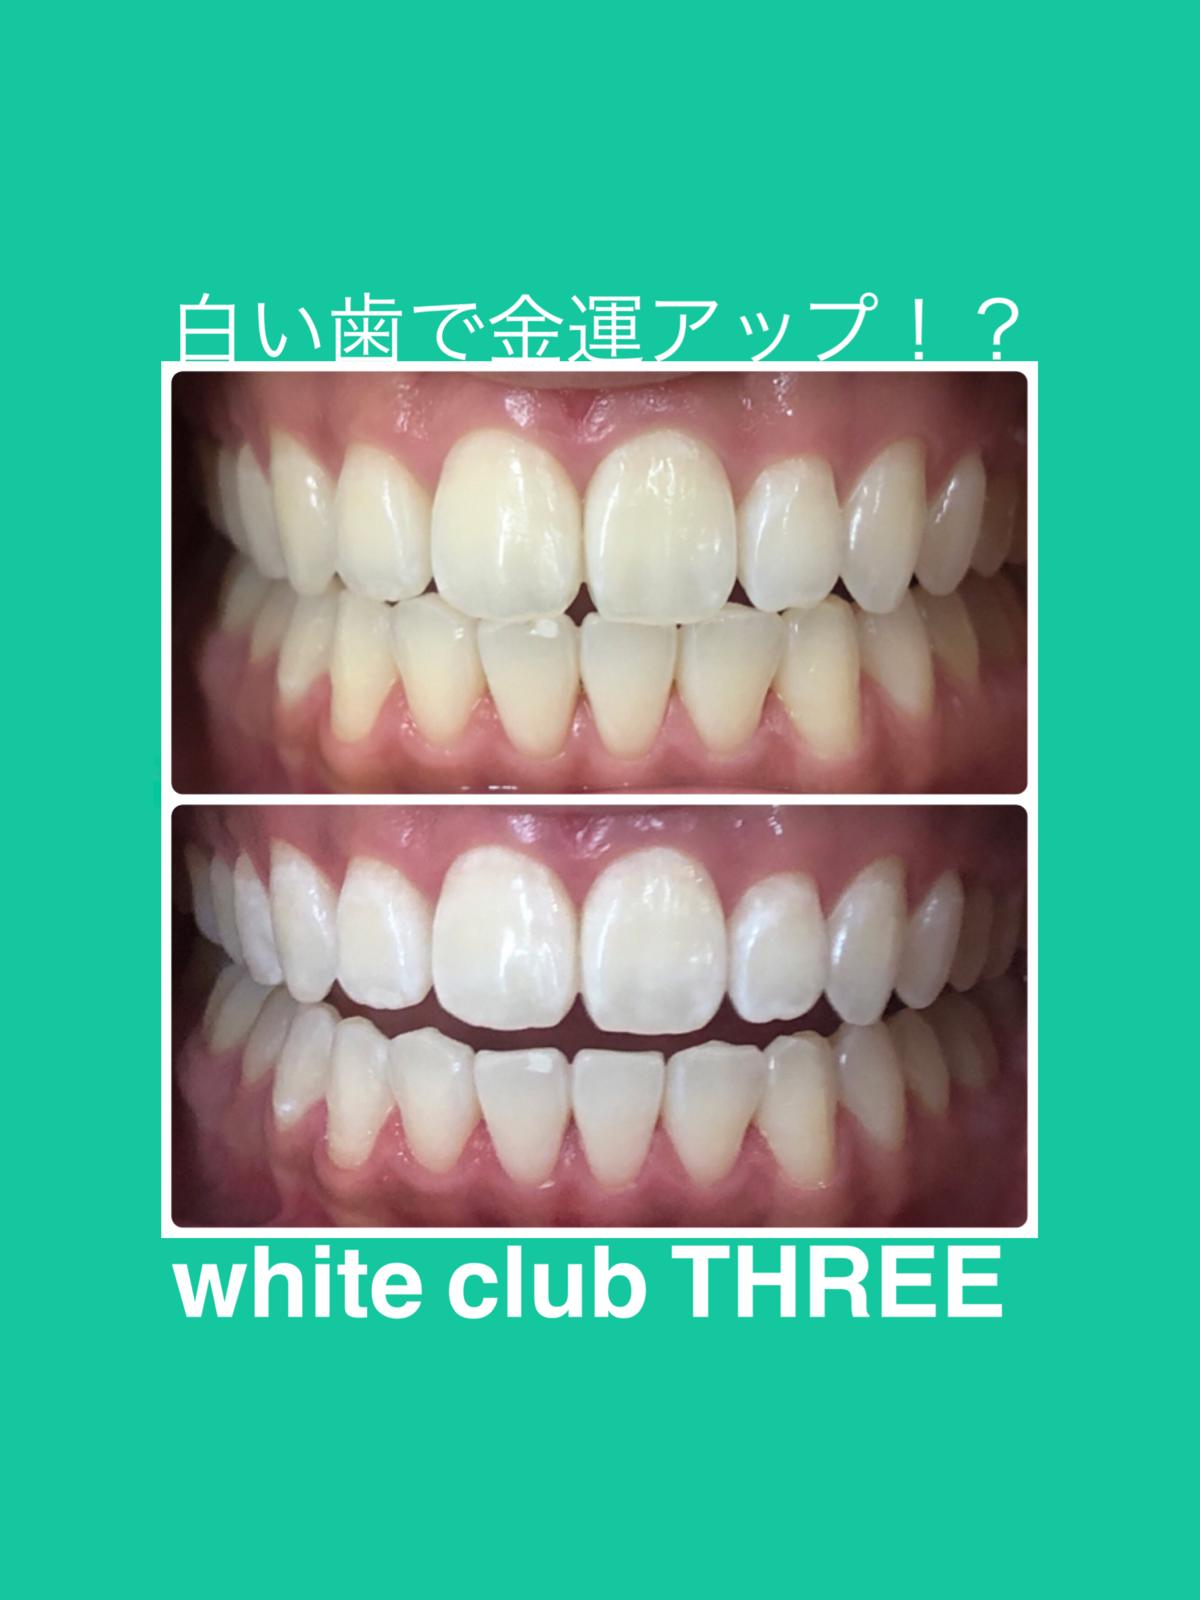 ★白い歯と金運の関係★